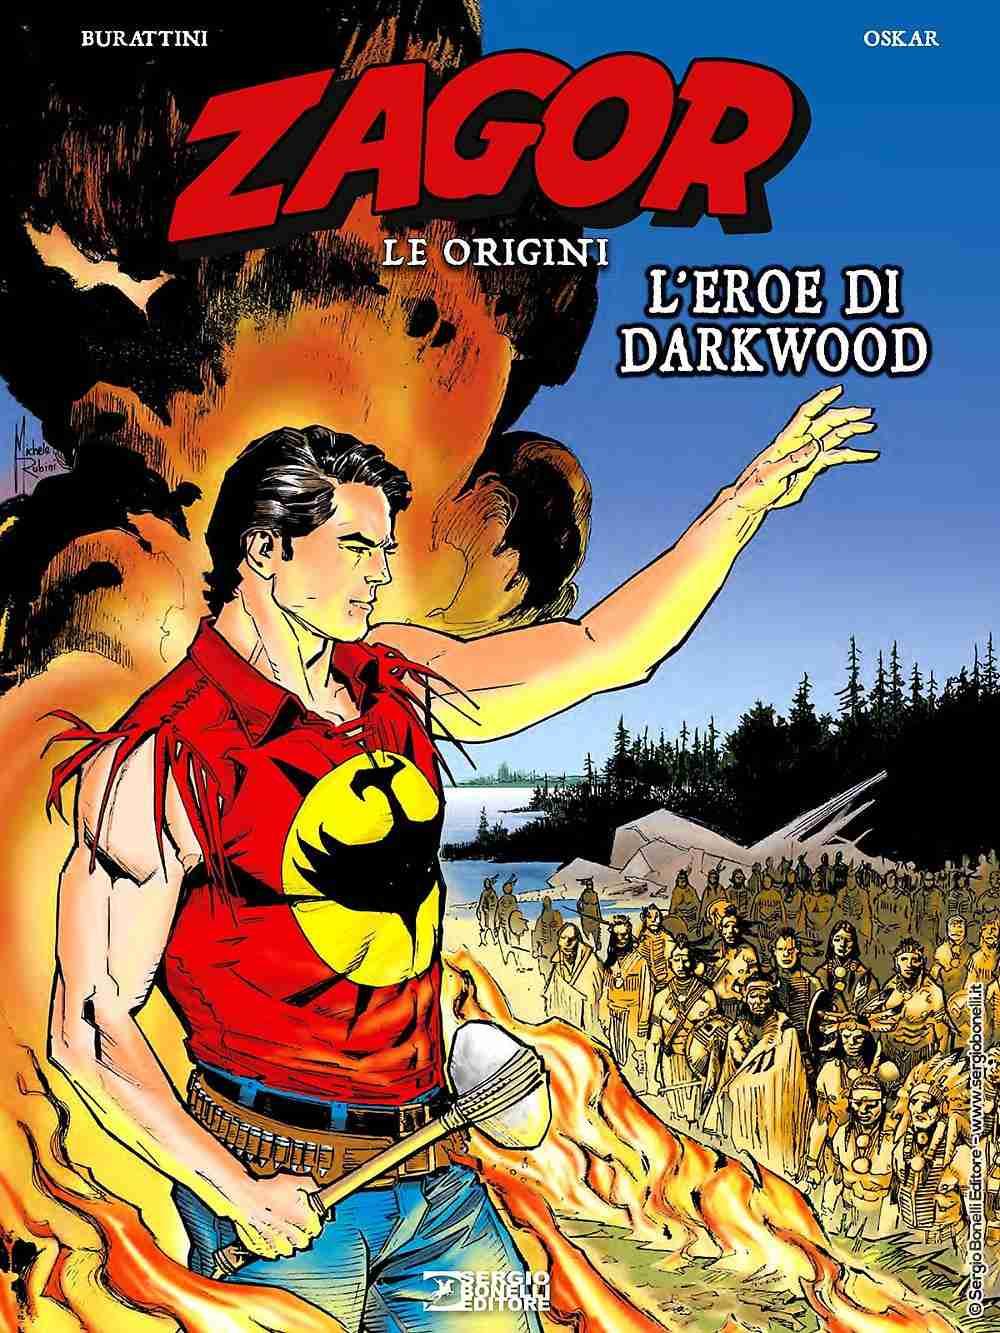 ZAGOR LE ORIGINI L'eroe di Darkwood, SERGIO BONELLI EDITORE